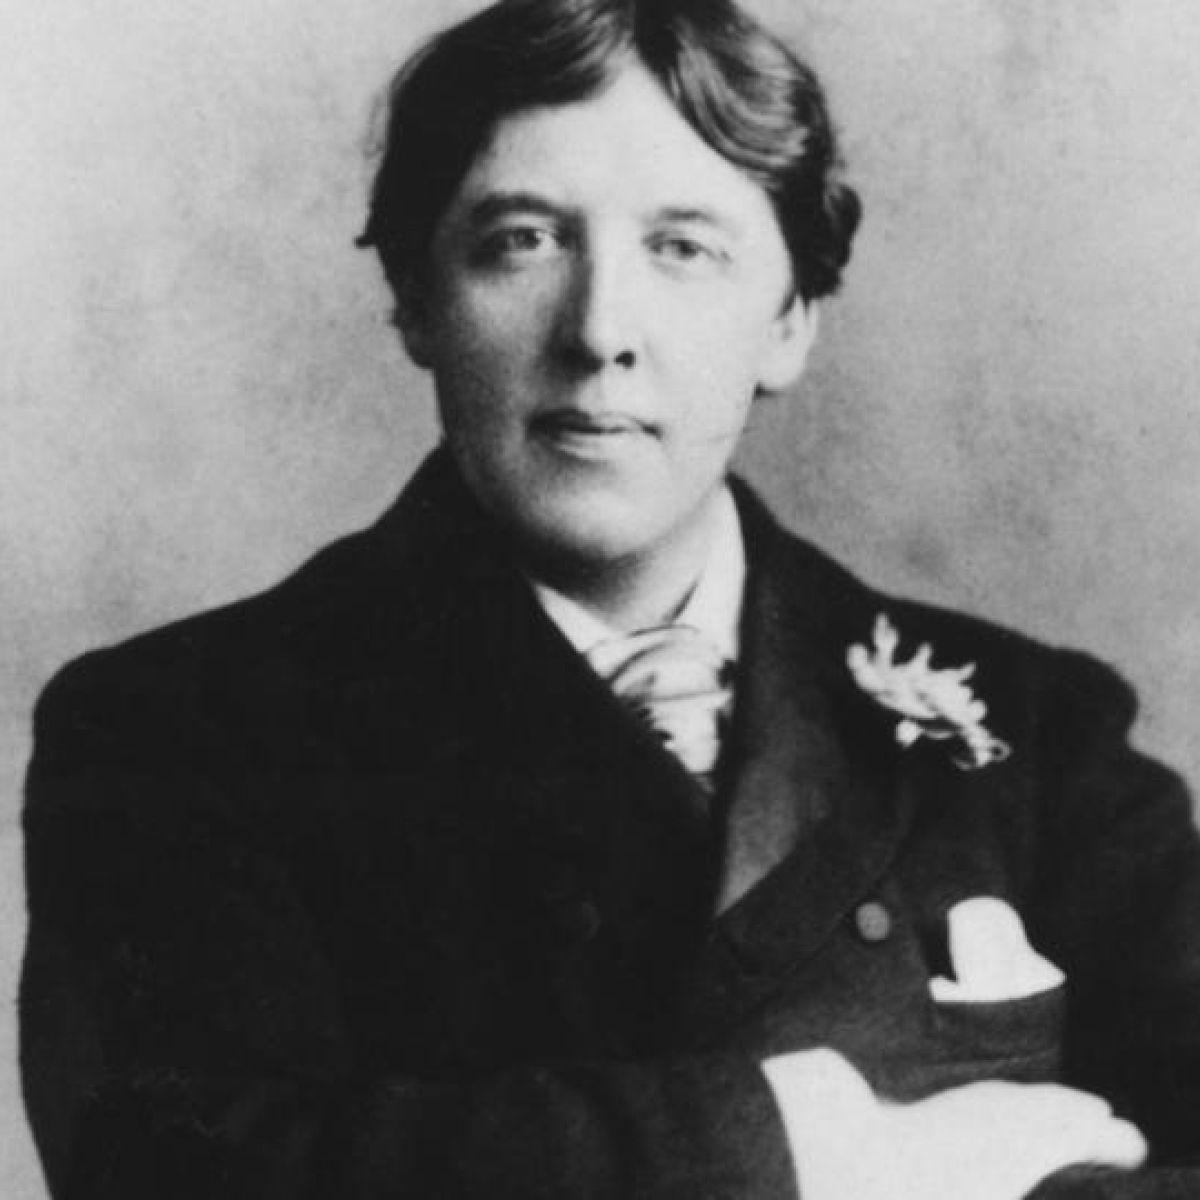 Betjeman Manuscript Of Poem About Oscar Wilde In London Auction